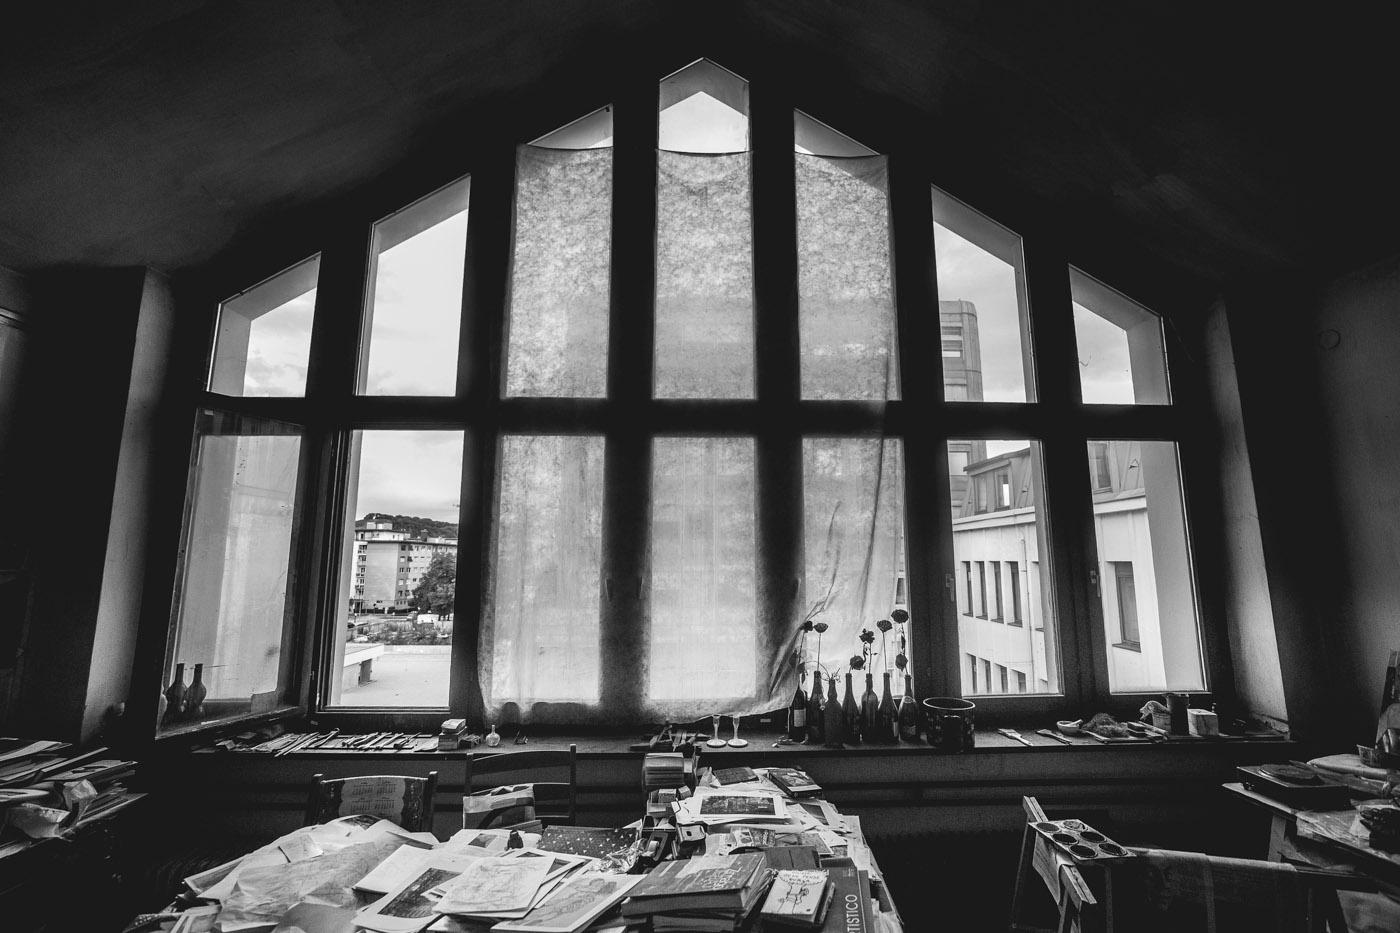 dejan_bulut_jeraj-studio-36.jpg